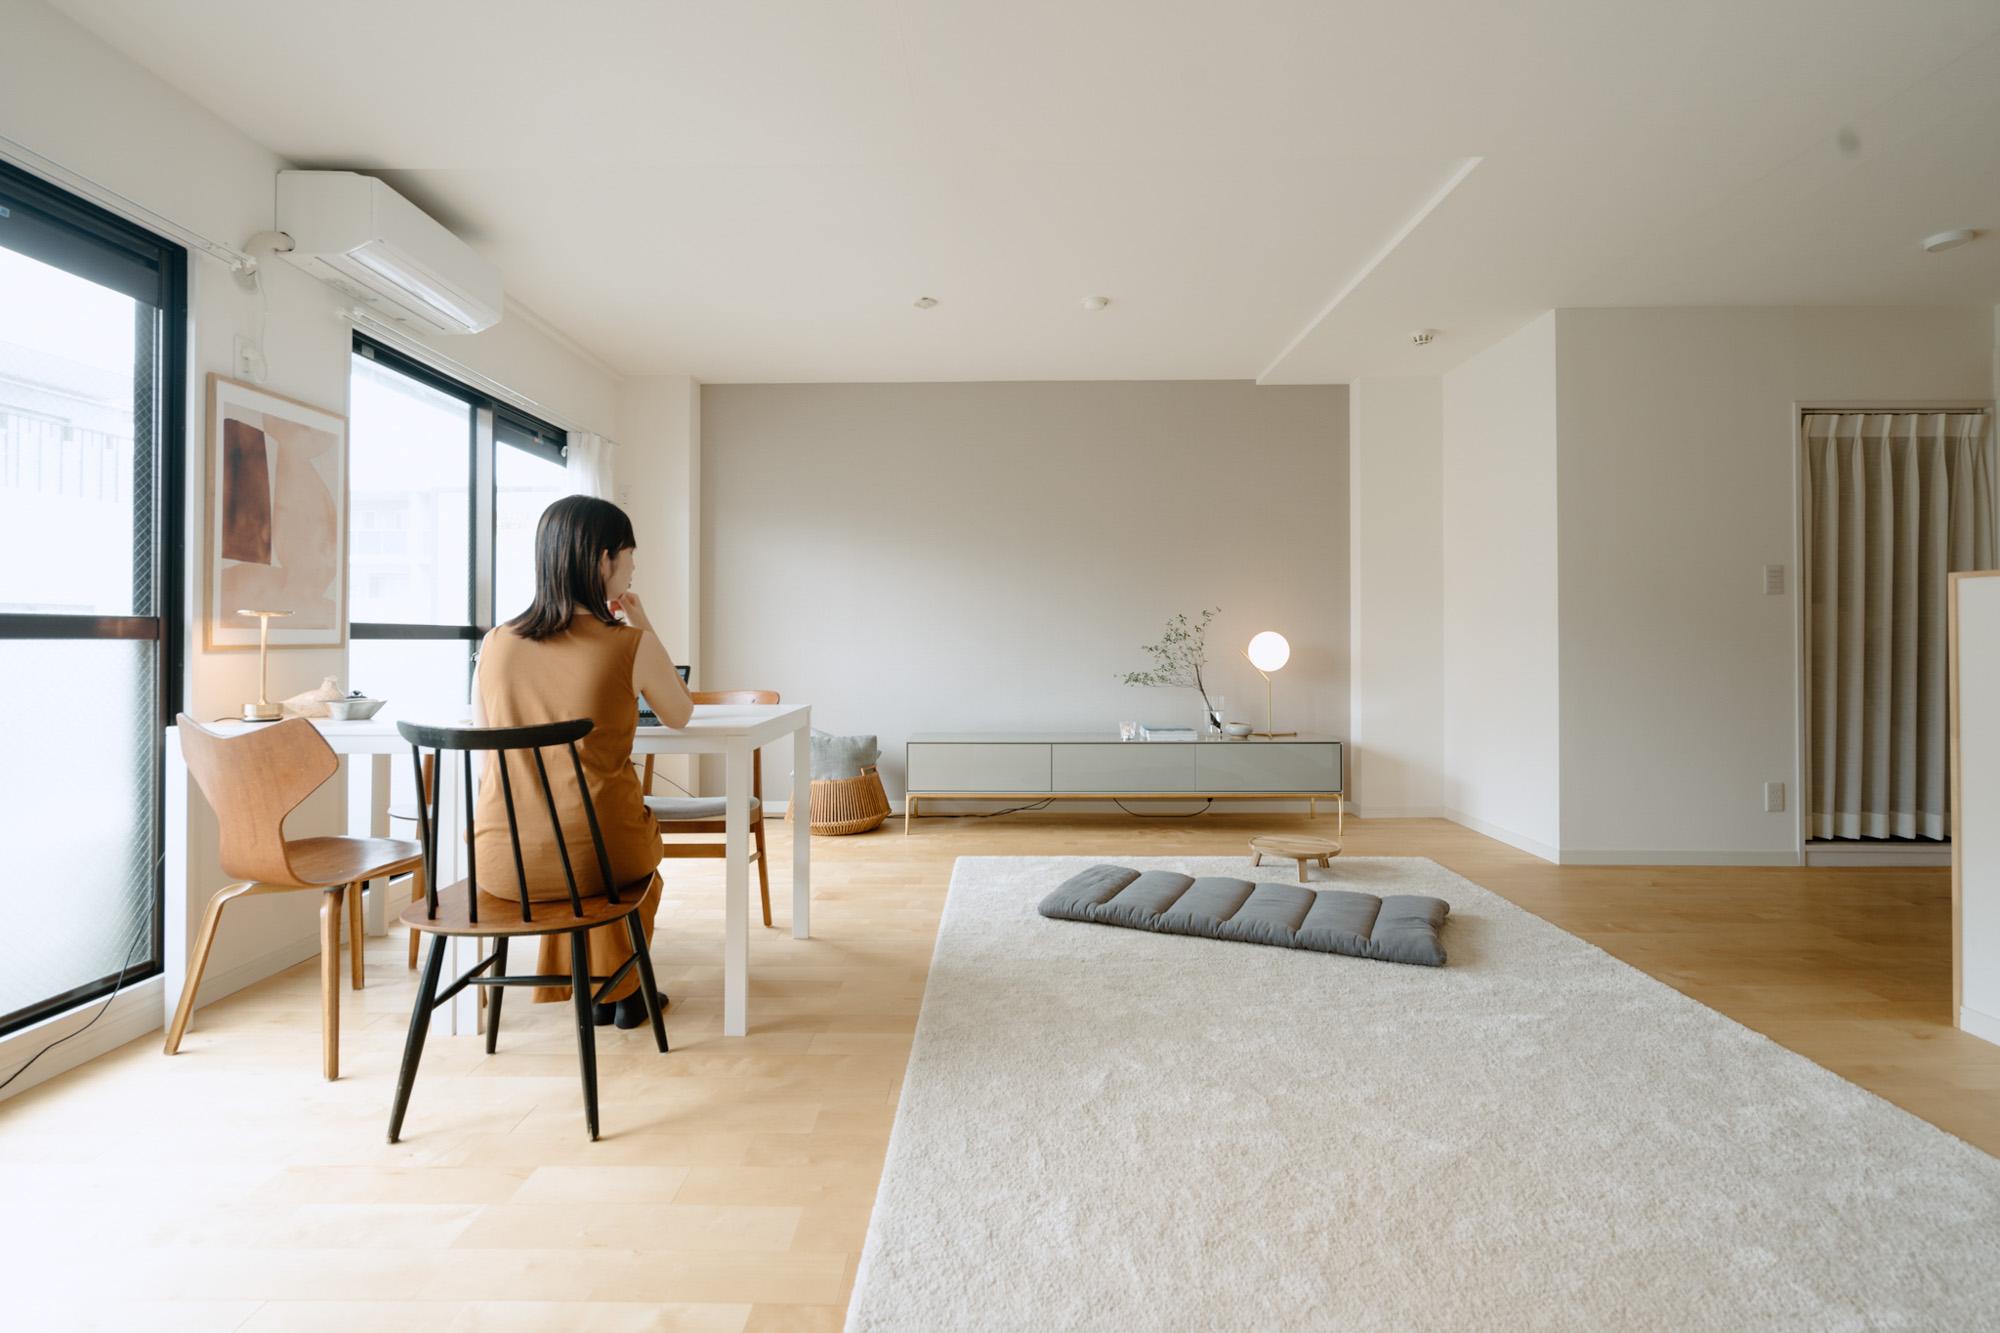 家具やインテリアの色味は、白、黒、グレーのもの、差し色に真鍮の入ったものを。テイストは好きなものを選ぶと自然に揃ってくるとのこと。